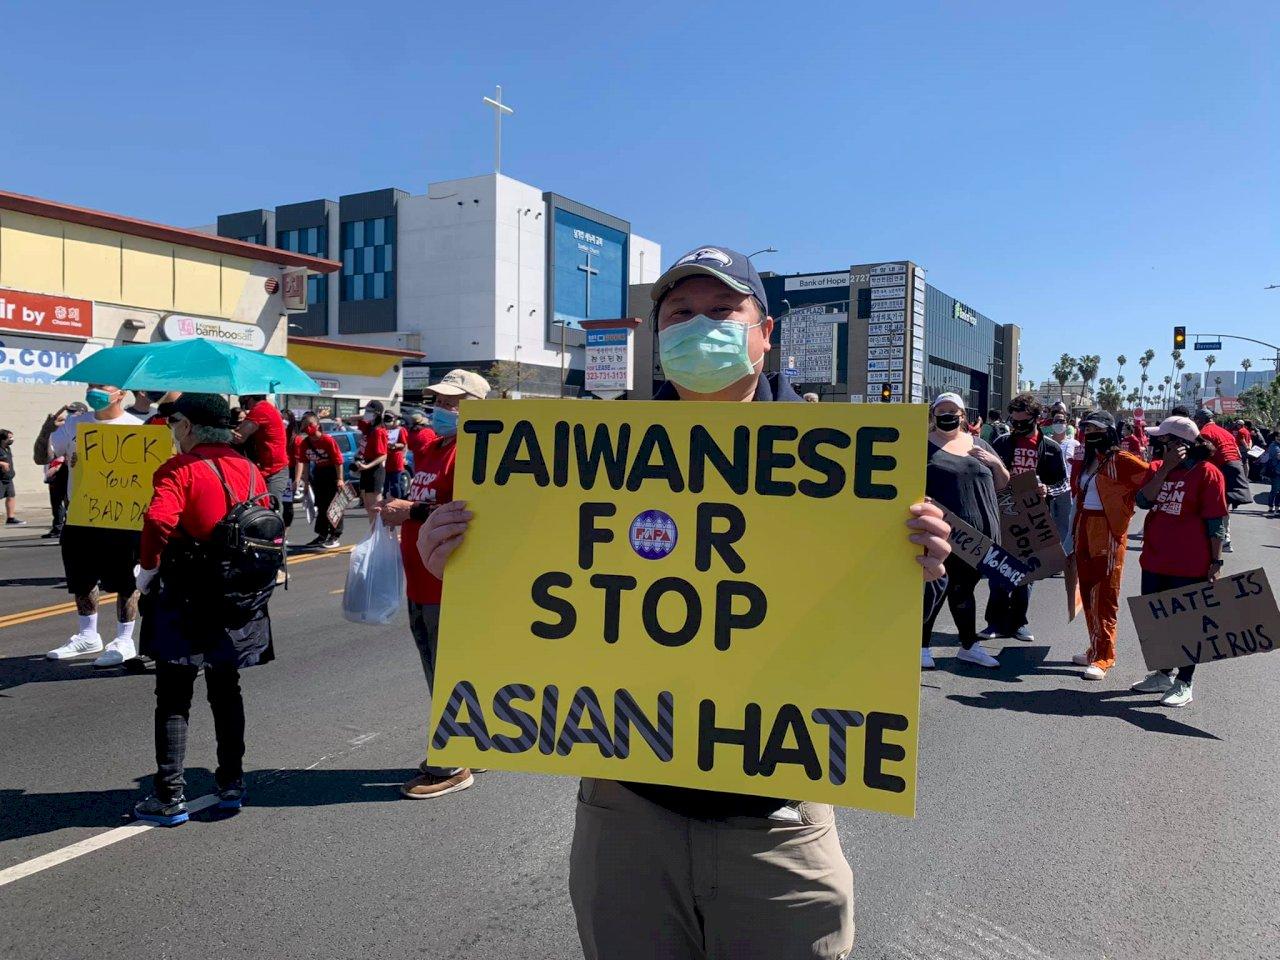 洛杉磯亞裔示威 FAPA洛杉磯分會副會長吳兆峯:30年來首見亞裔大團結